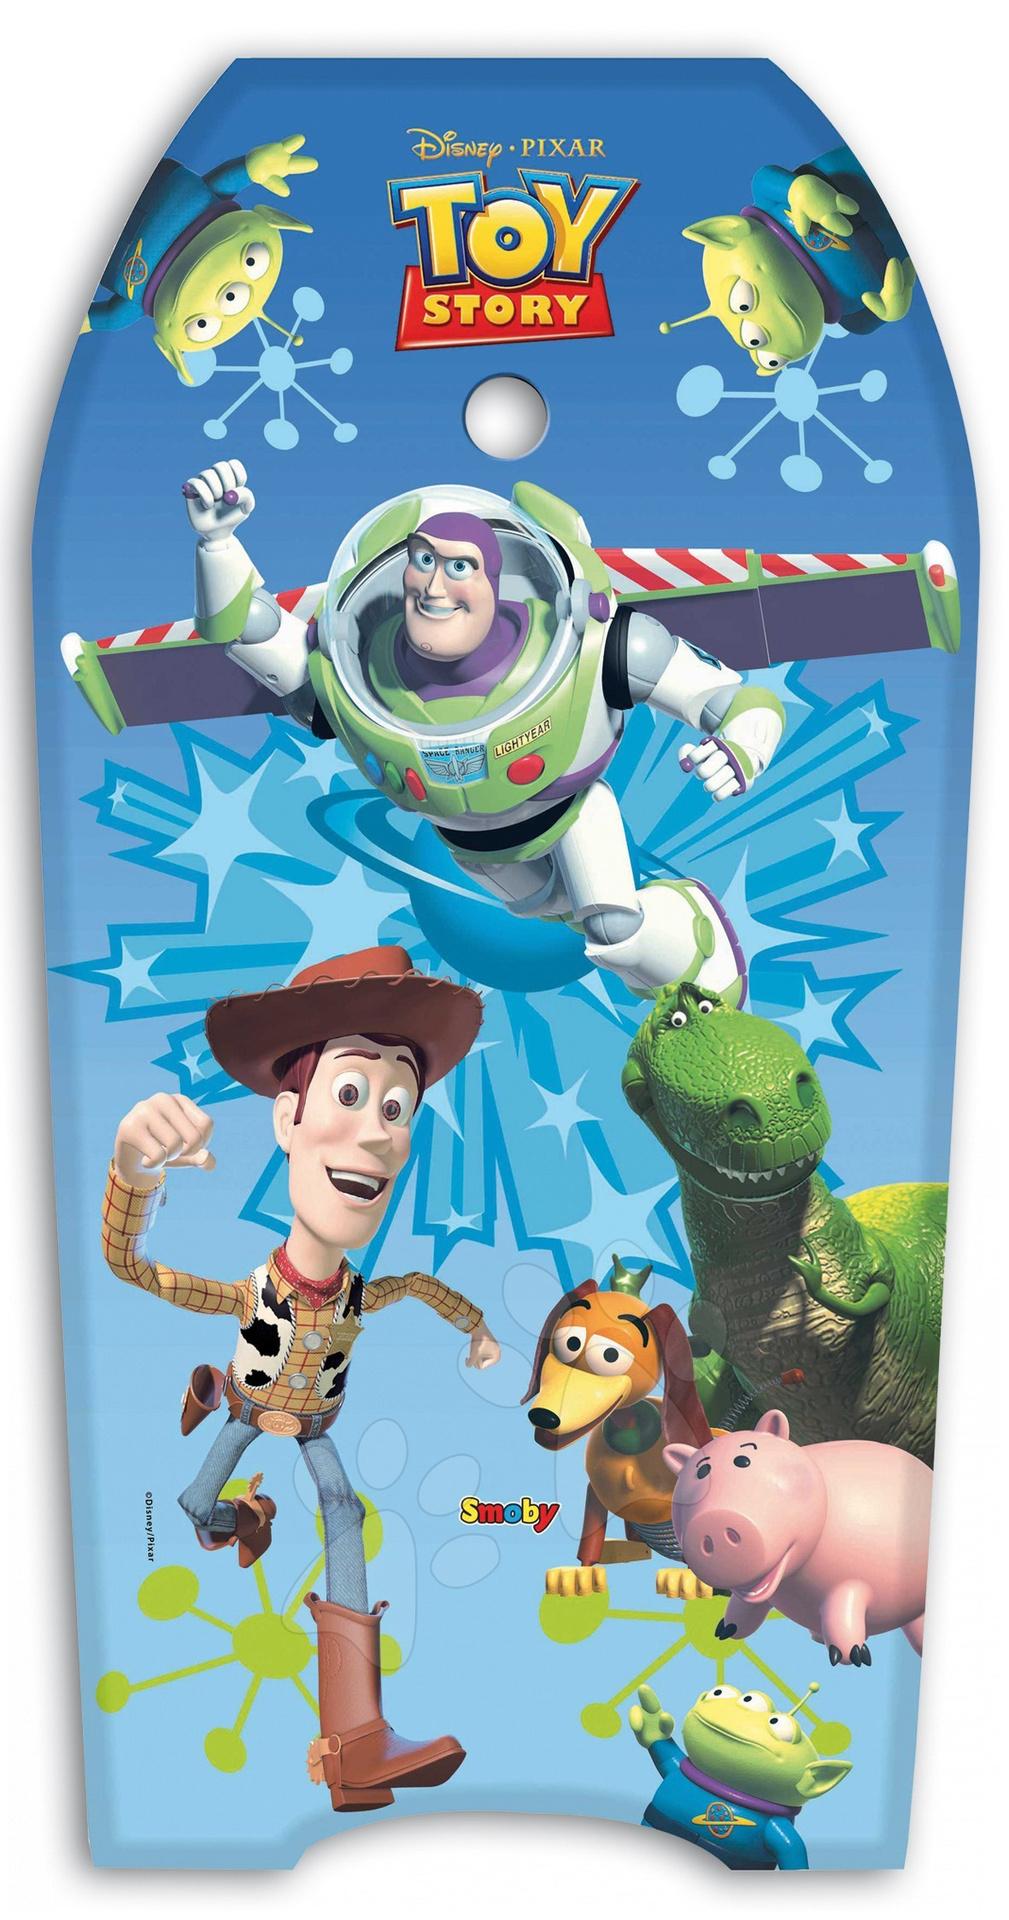 Staré položky - Plovací deska Toy Story